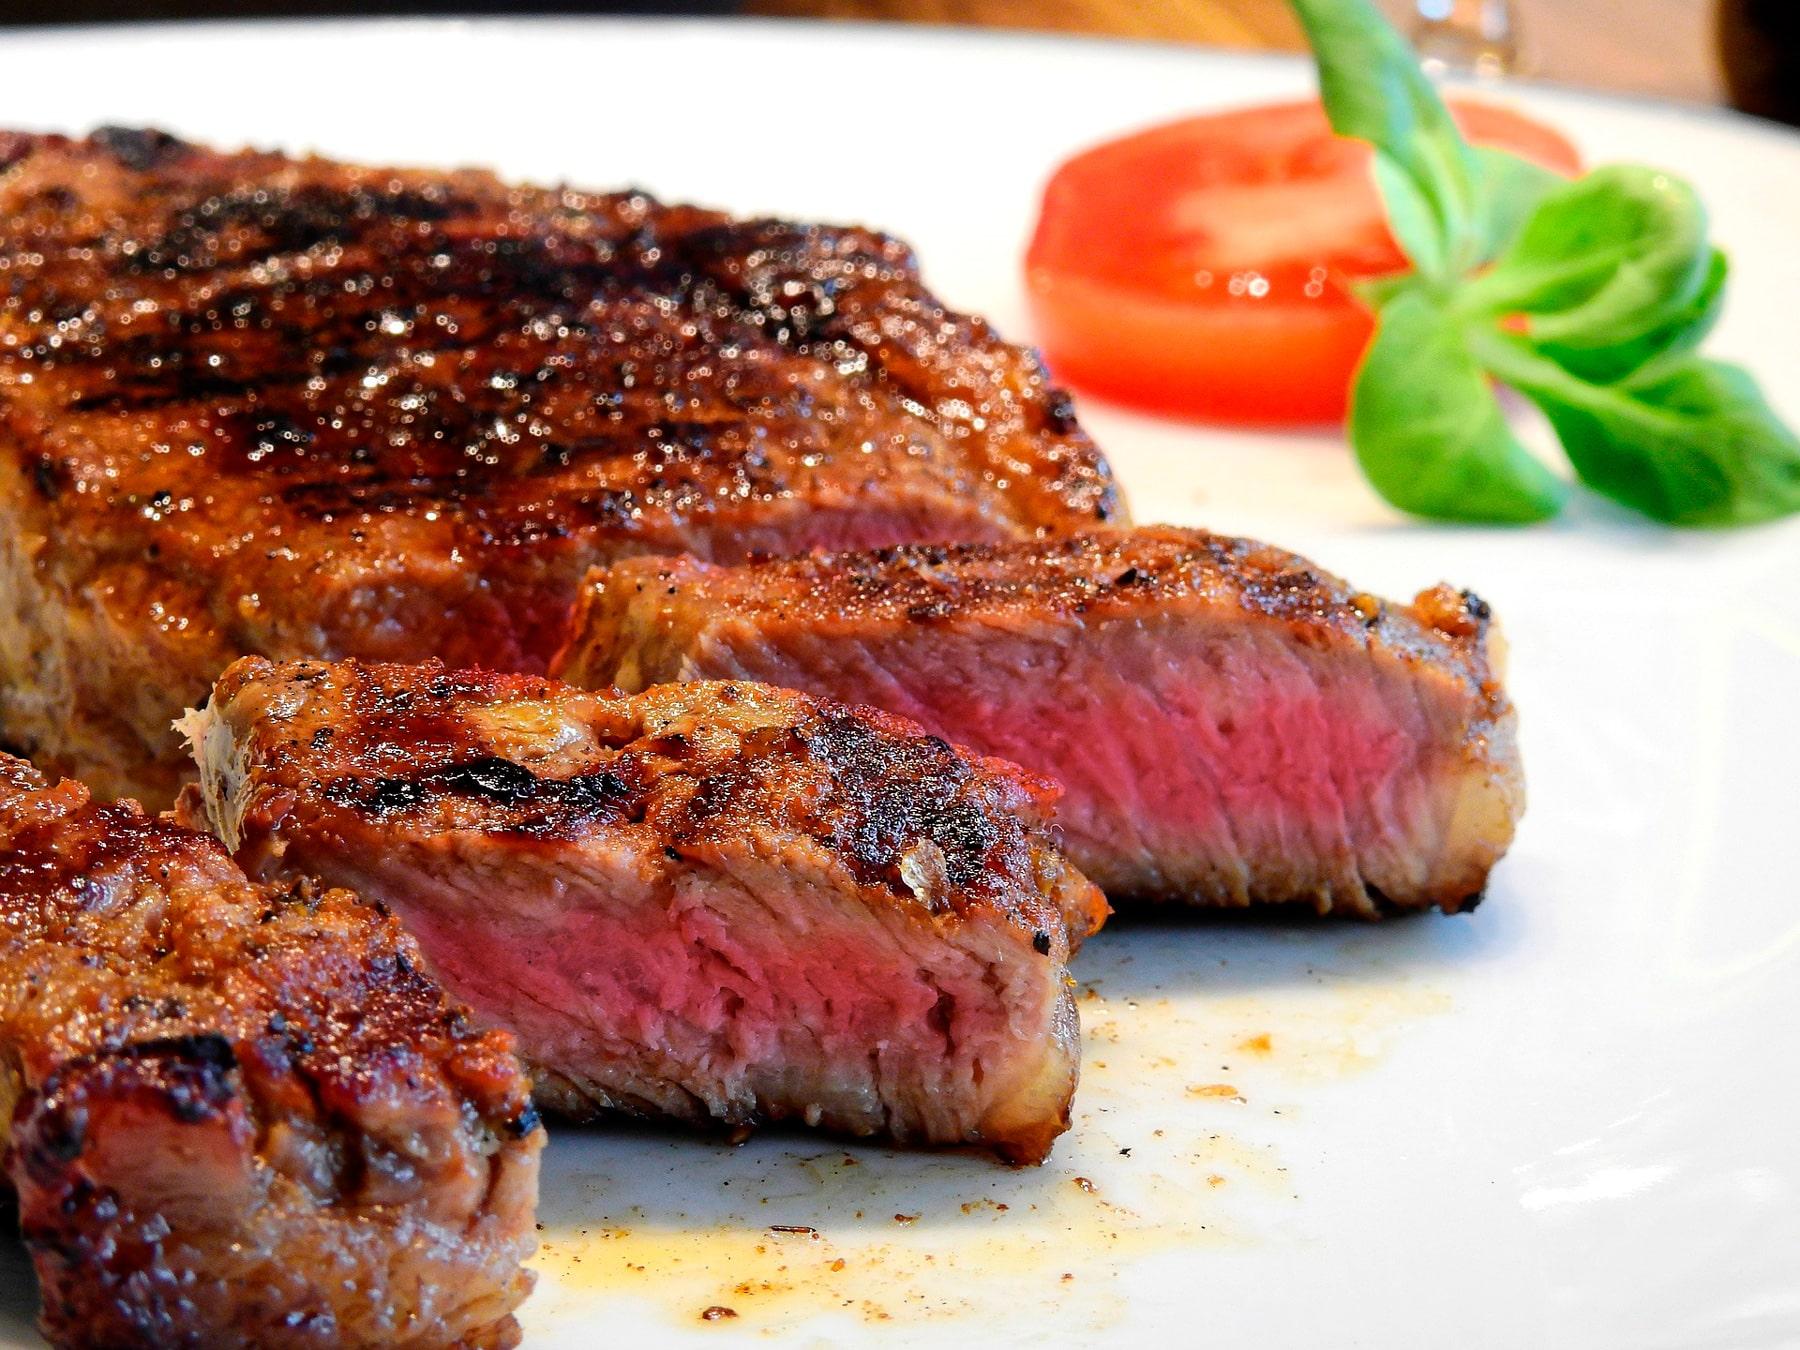 Los 6 errores que no debes cometer al cocinar carne